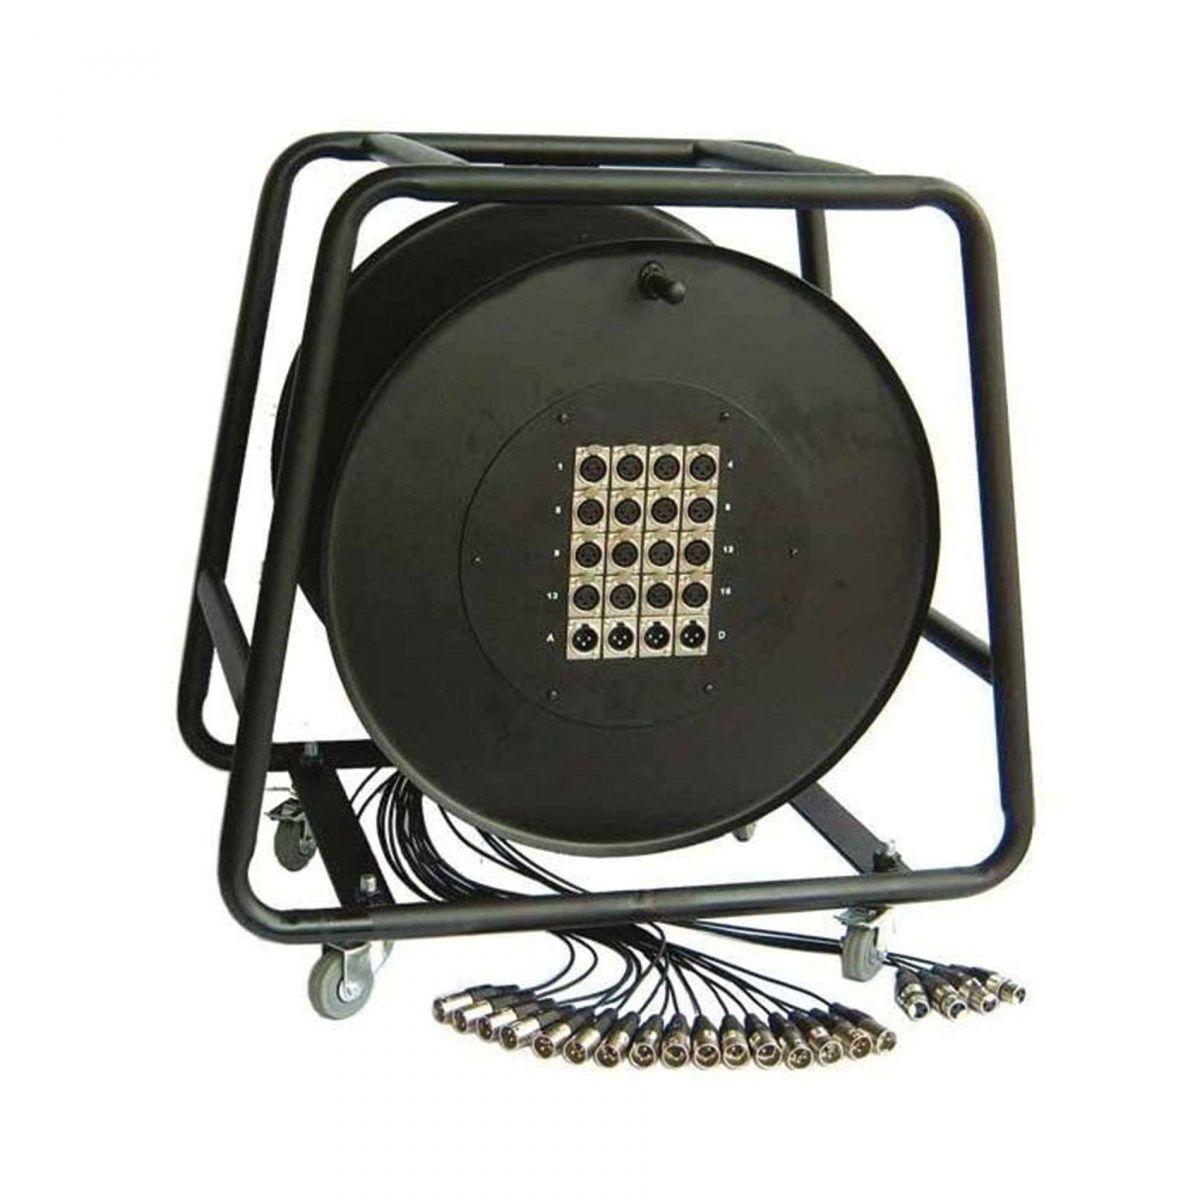 Multipaires - Power Acoustics - Accessoires - SNAKE 2091